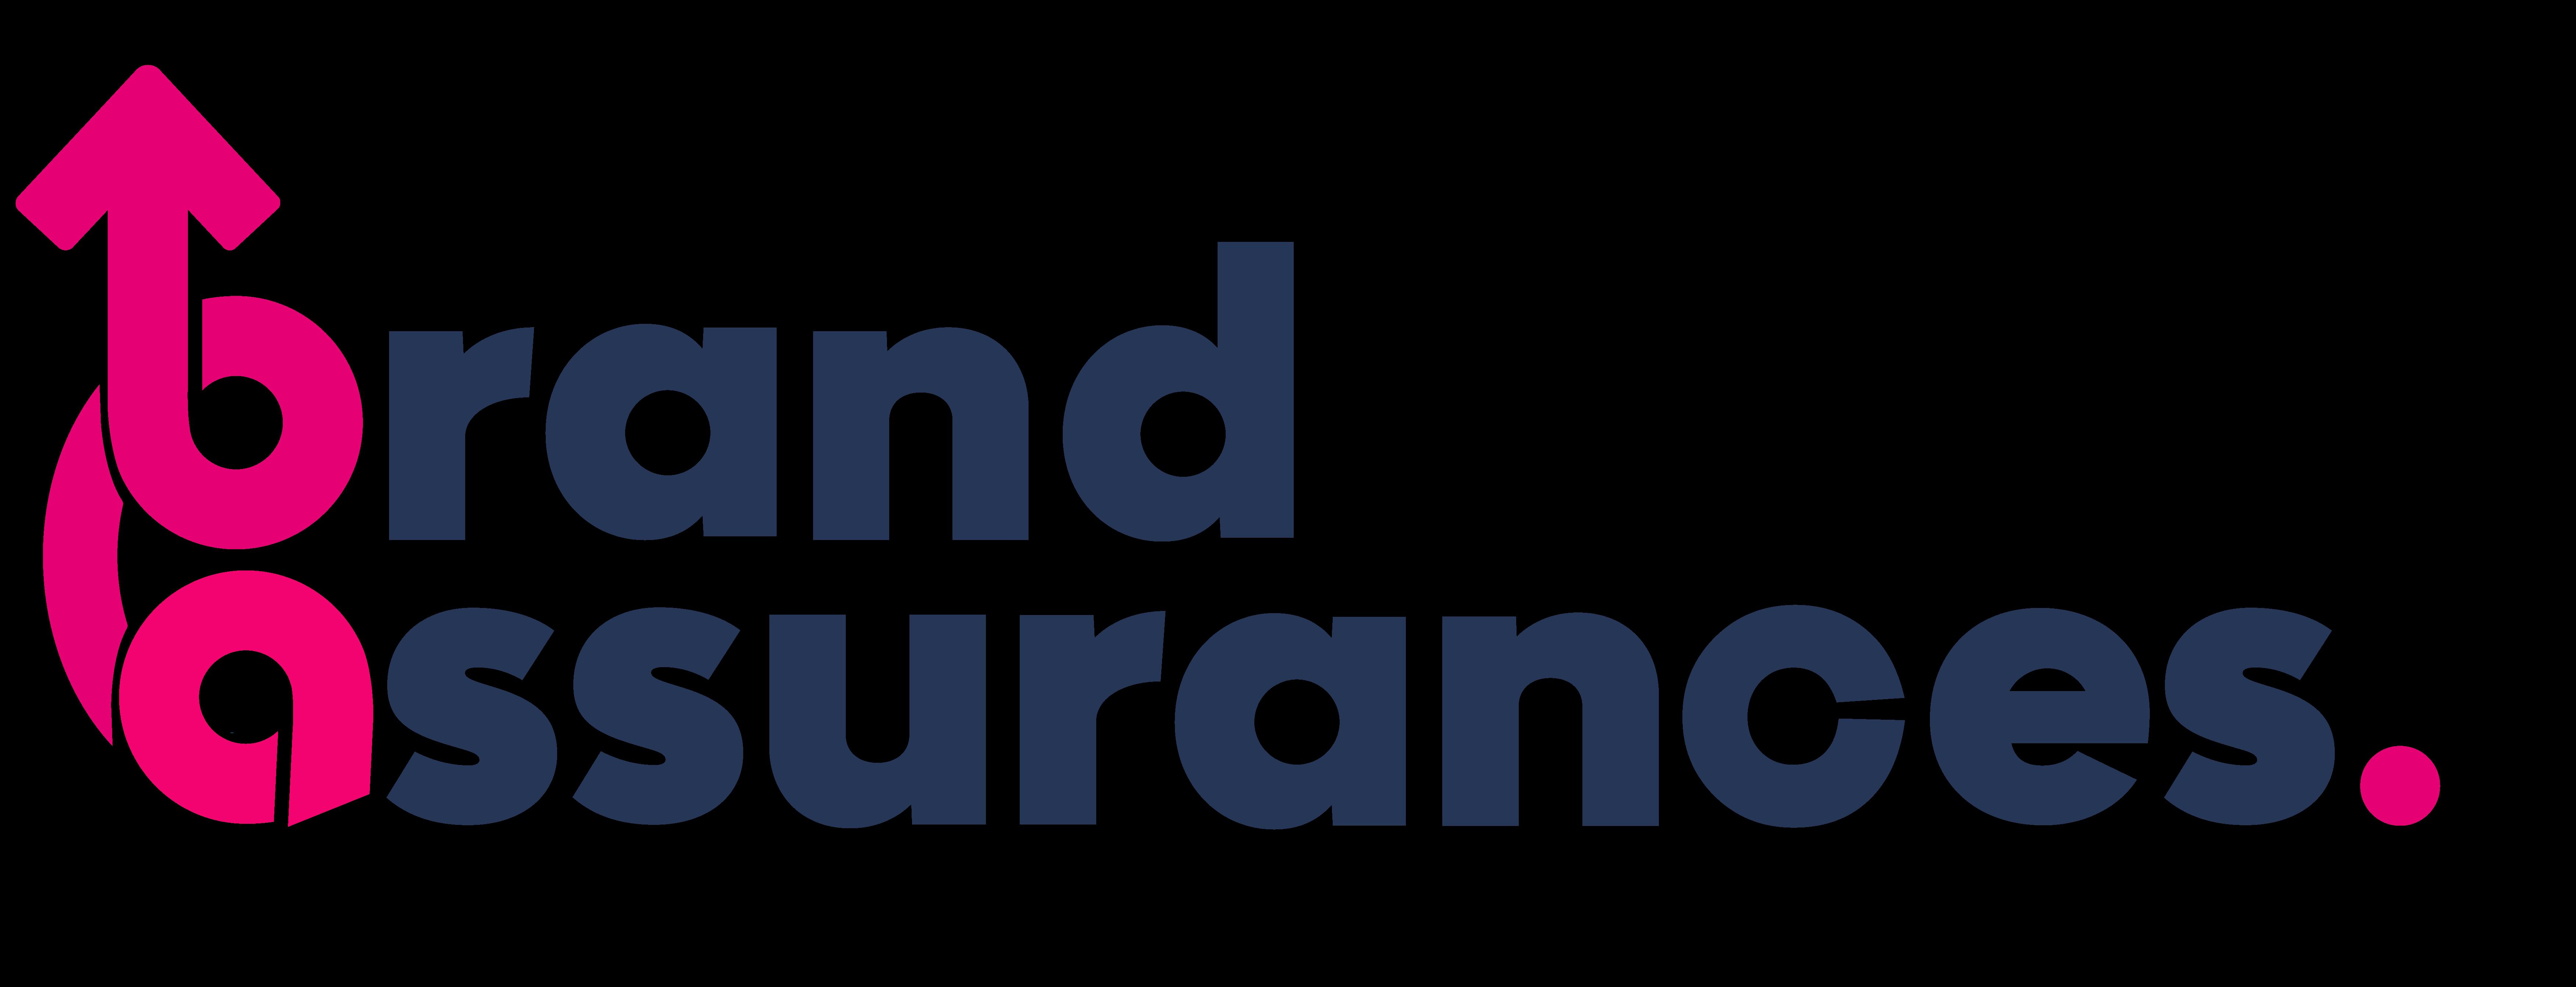 Brand Assurances